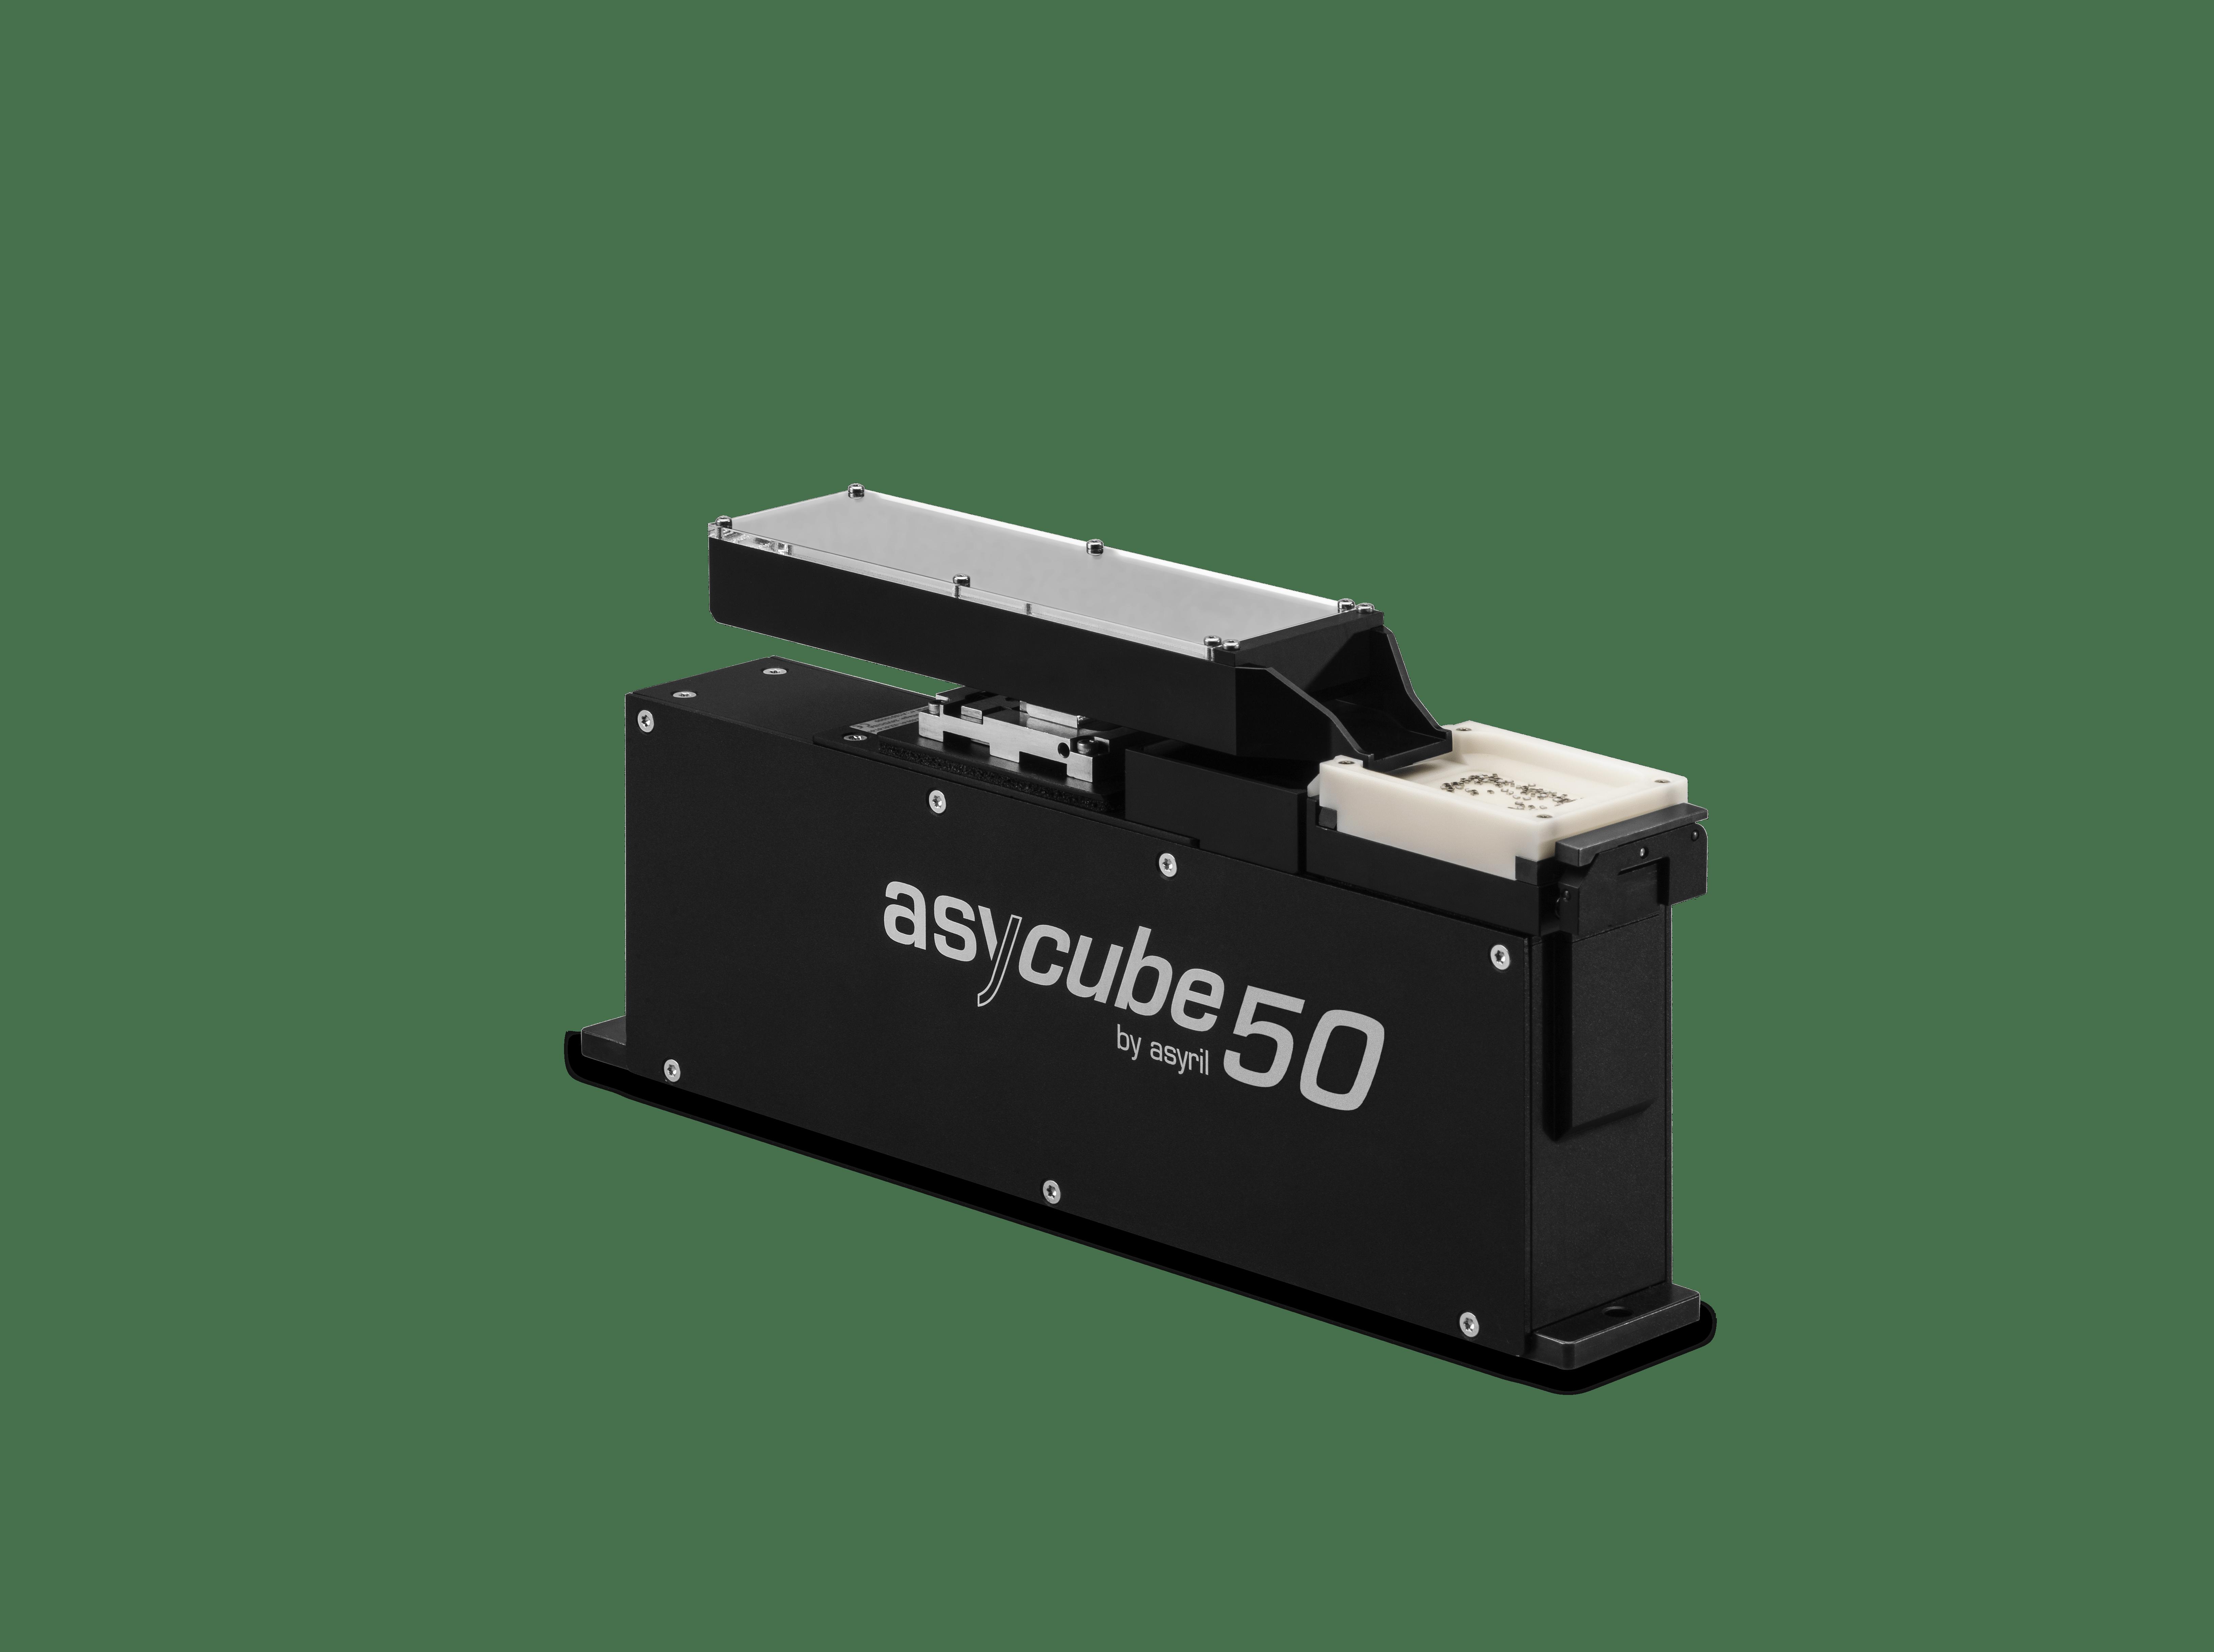 < 0.1 to 5 mm alimentación de piezas de alto rendimiento asyril asycube 50